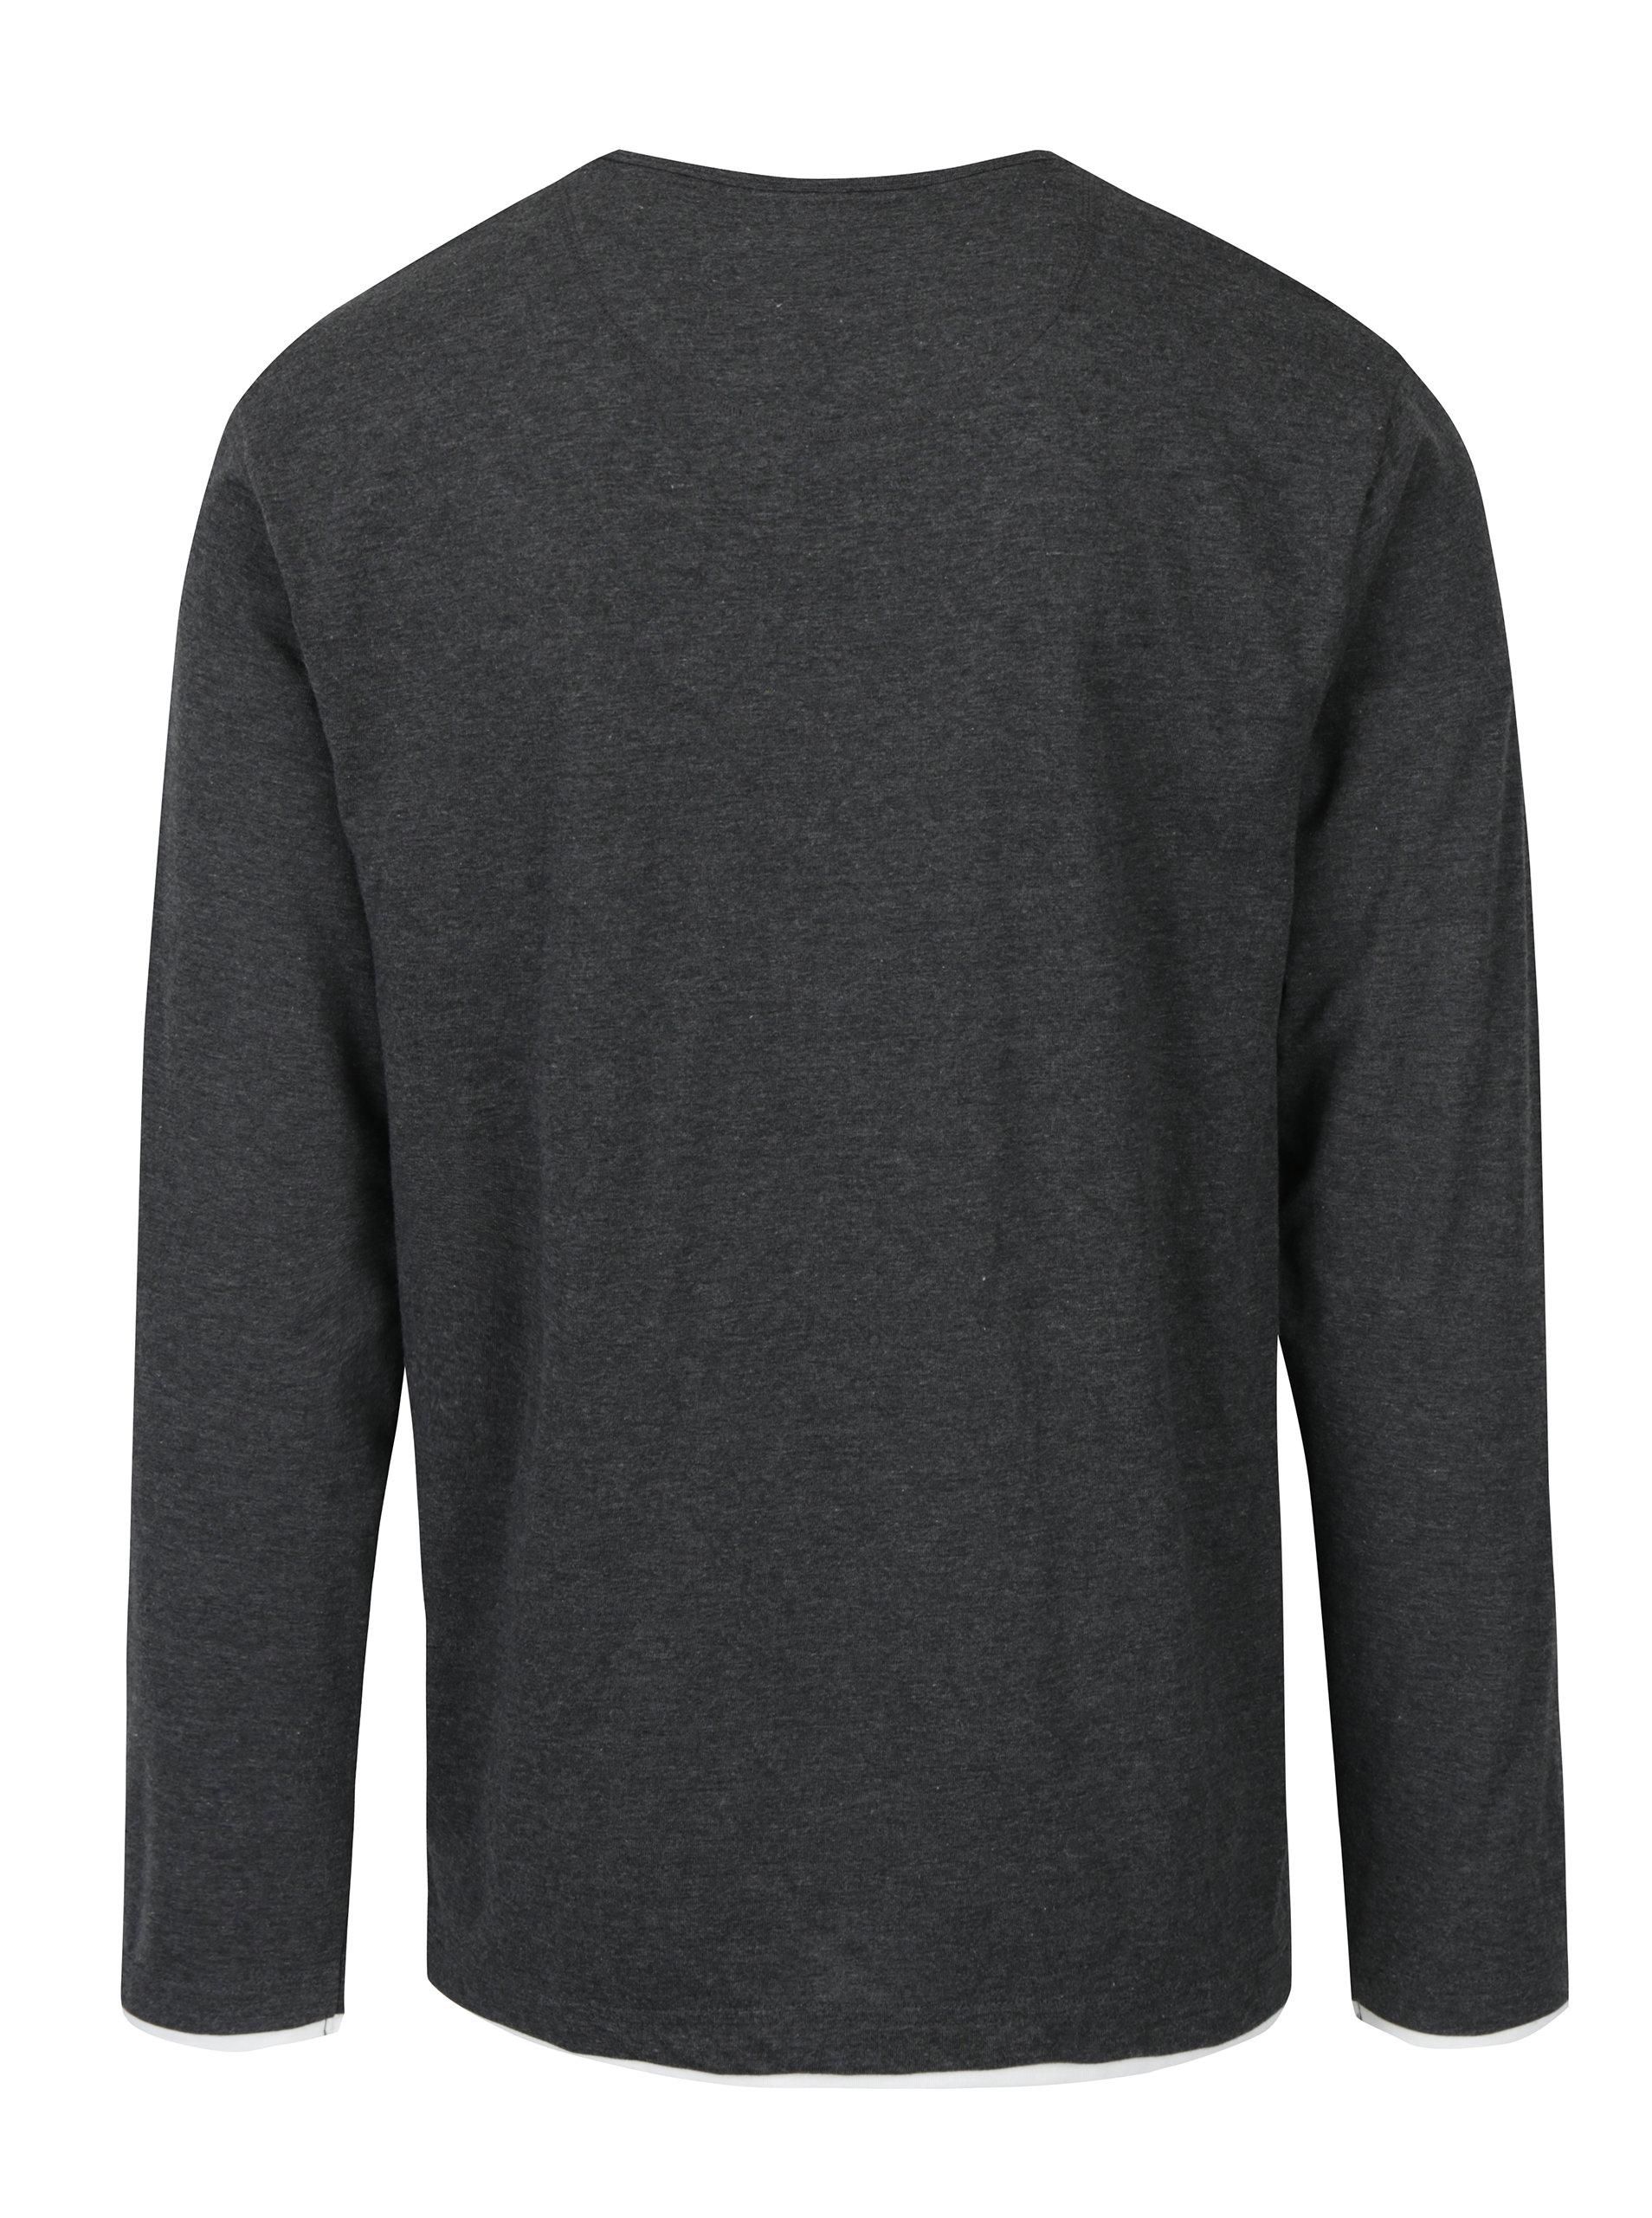 6be87c7a19 Tmavosivé melírované pánske tričko s dlhým rukávom Broadway Orvadia ...